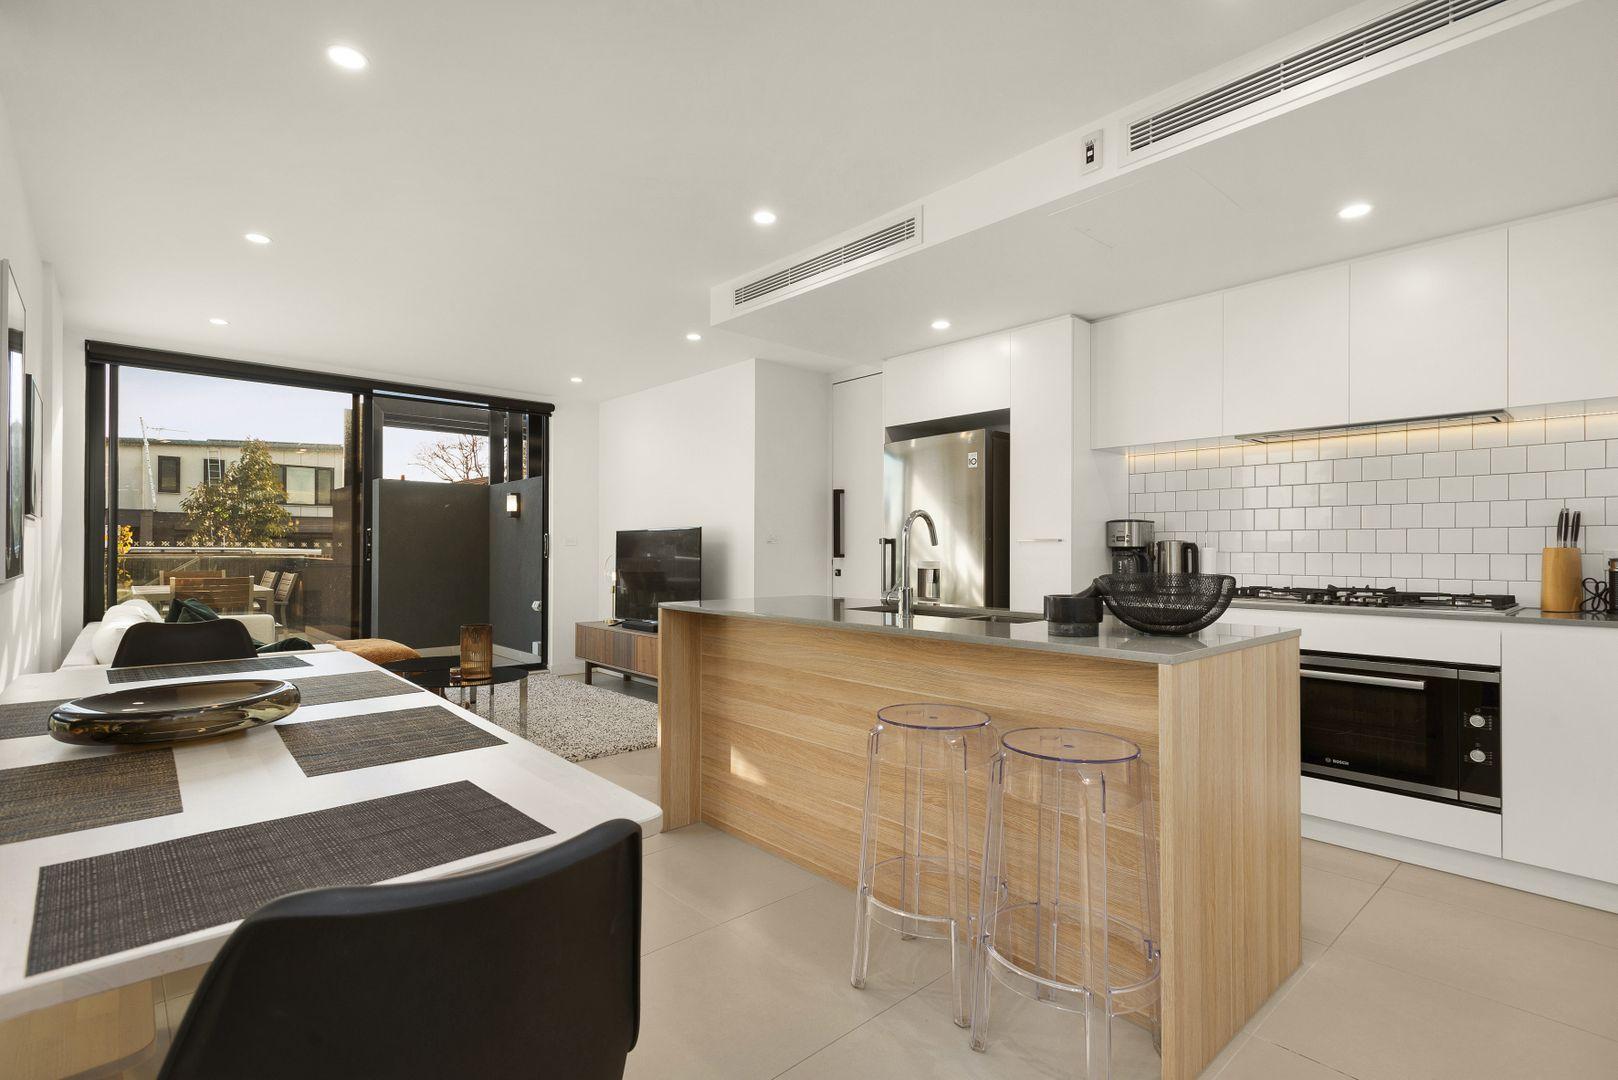 3/140 Hotham Street, St Kilda East VIC 3183, Image 1